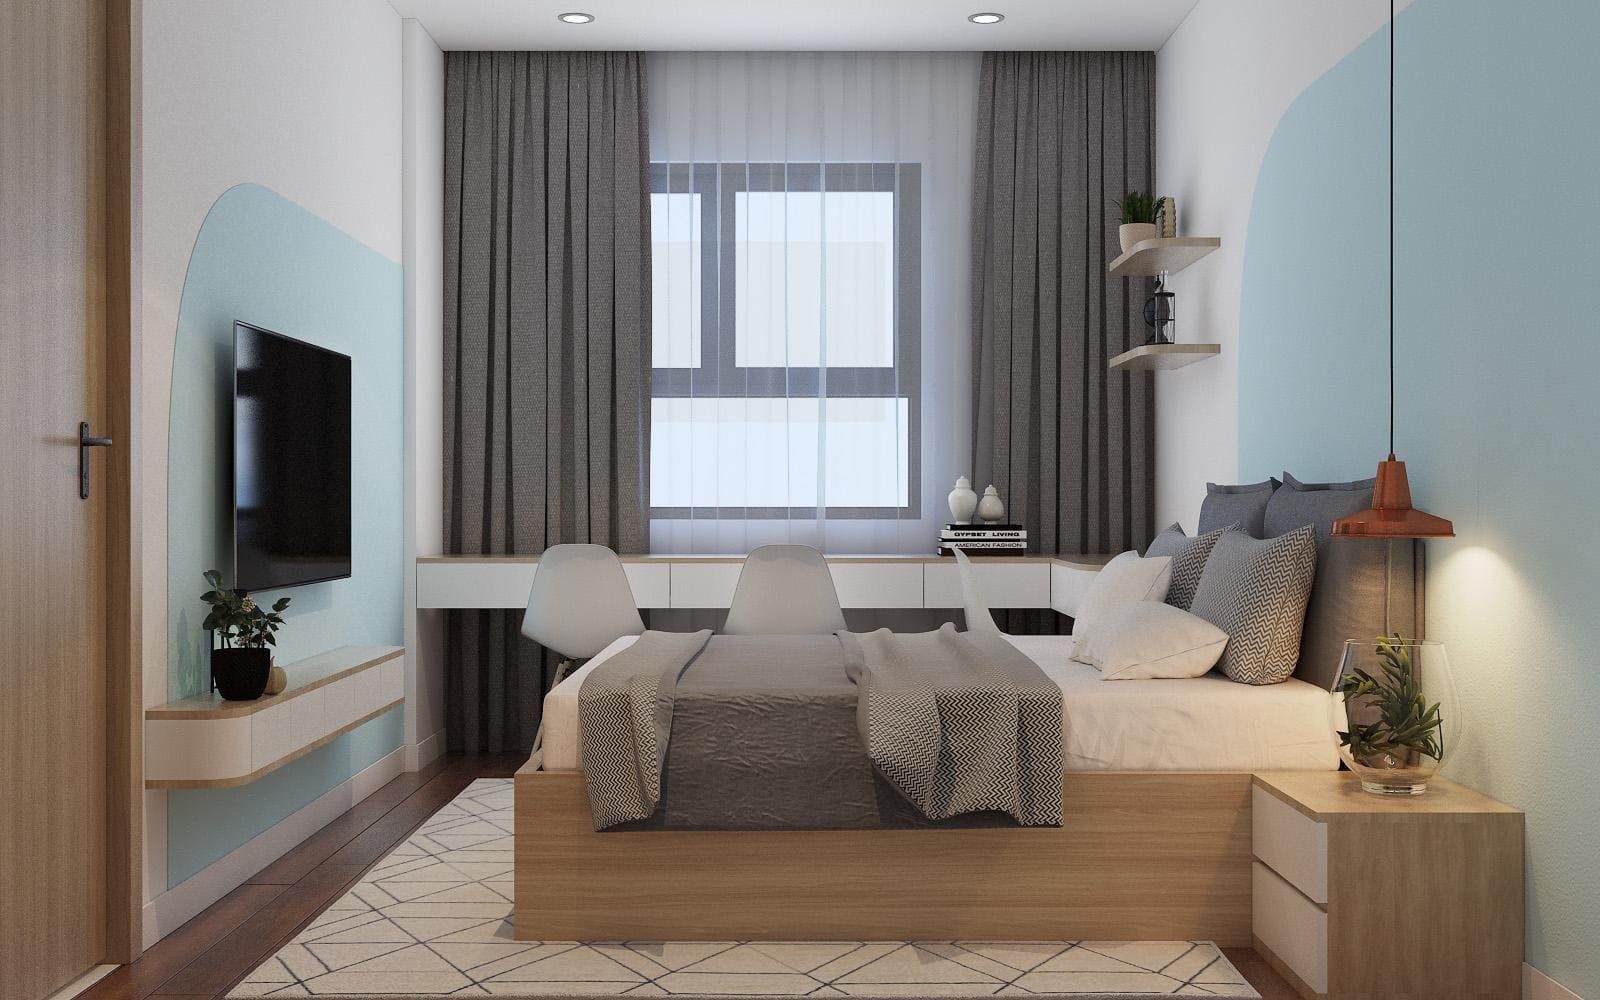 thiết kế nội thất phòng ngủ đơn giản, đẹp giá rẻ